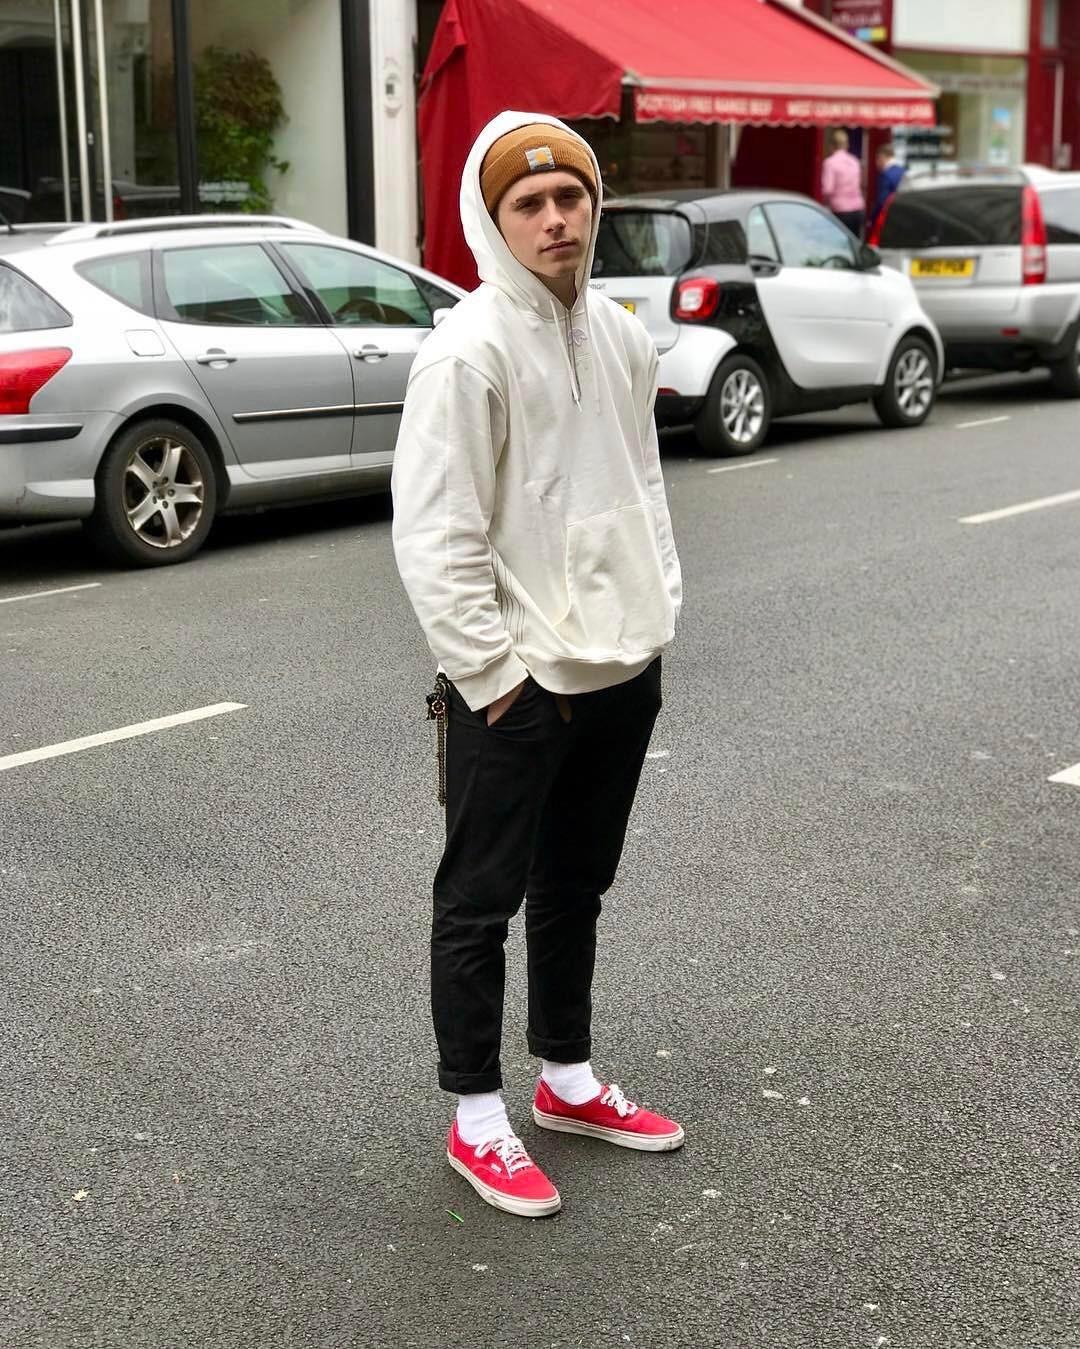 SPOTTED: Brooklyn Beckham In Alexander Wang x Adidas Hoodie And Vans Sneakers